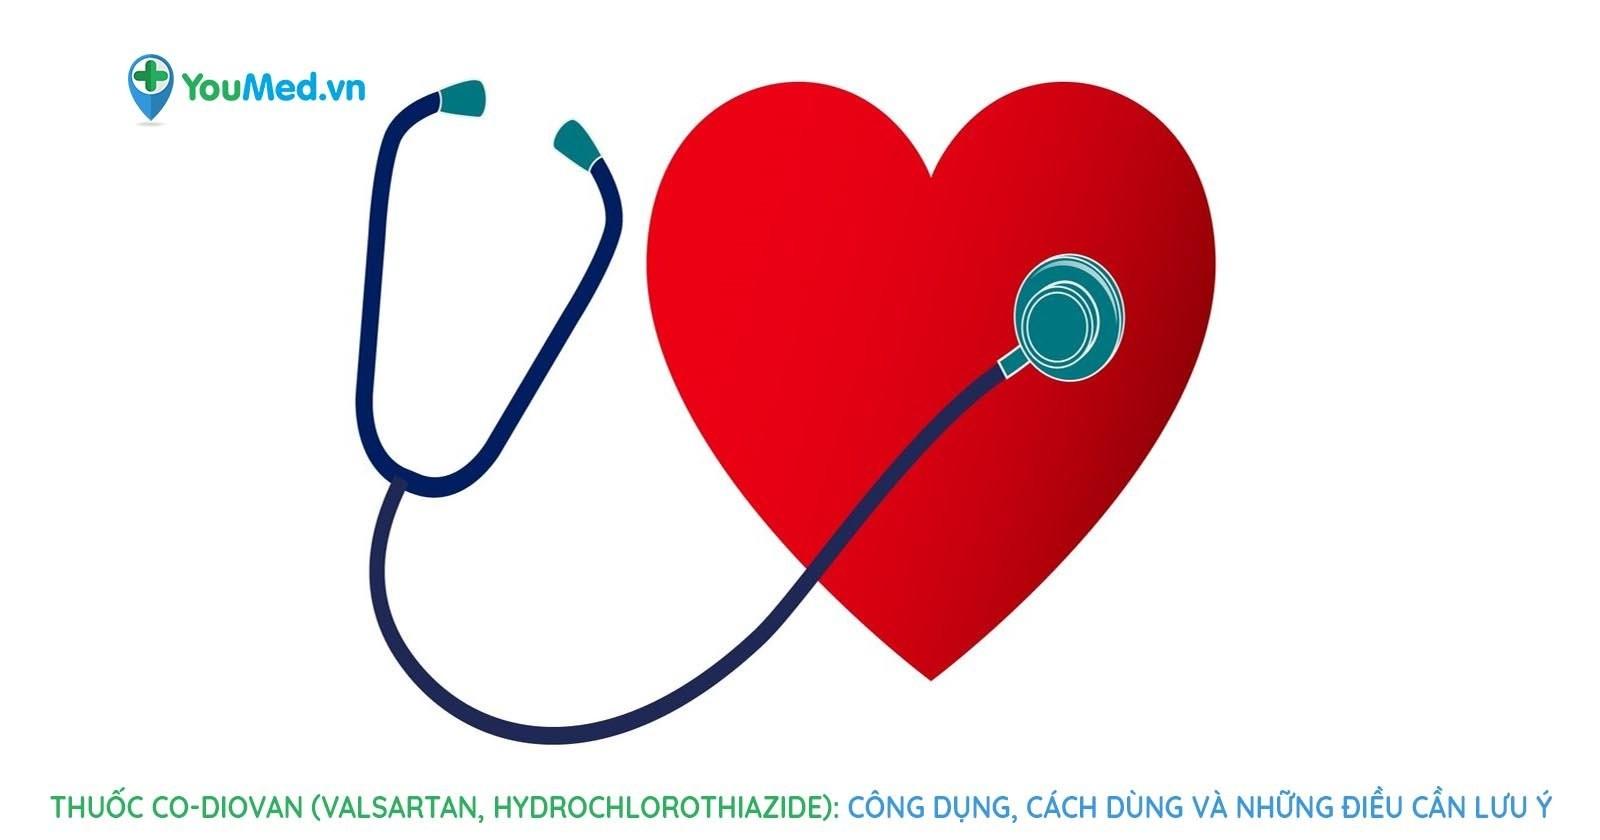 Thuốc Co-Diovan (valsartan, hydrochlorothiazide): Công dụng, cách dùng và những điều cần lưu ý